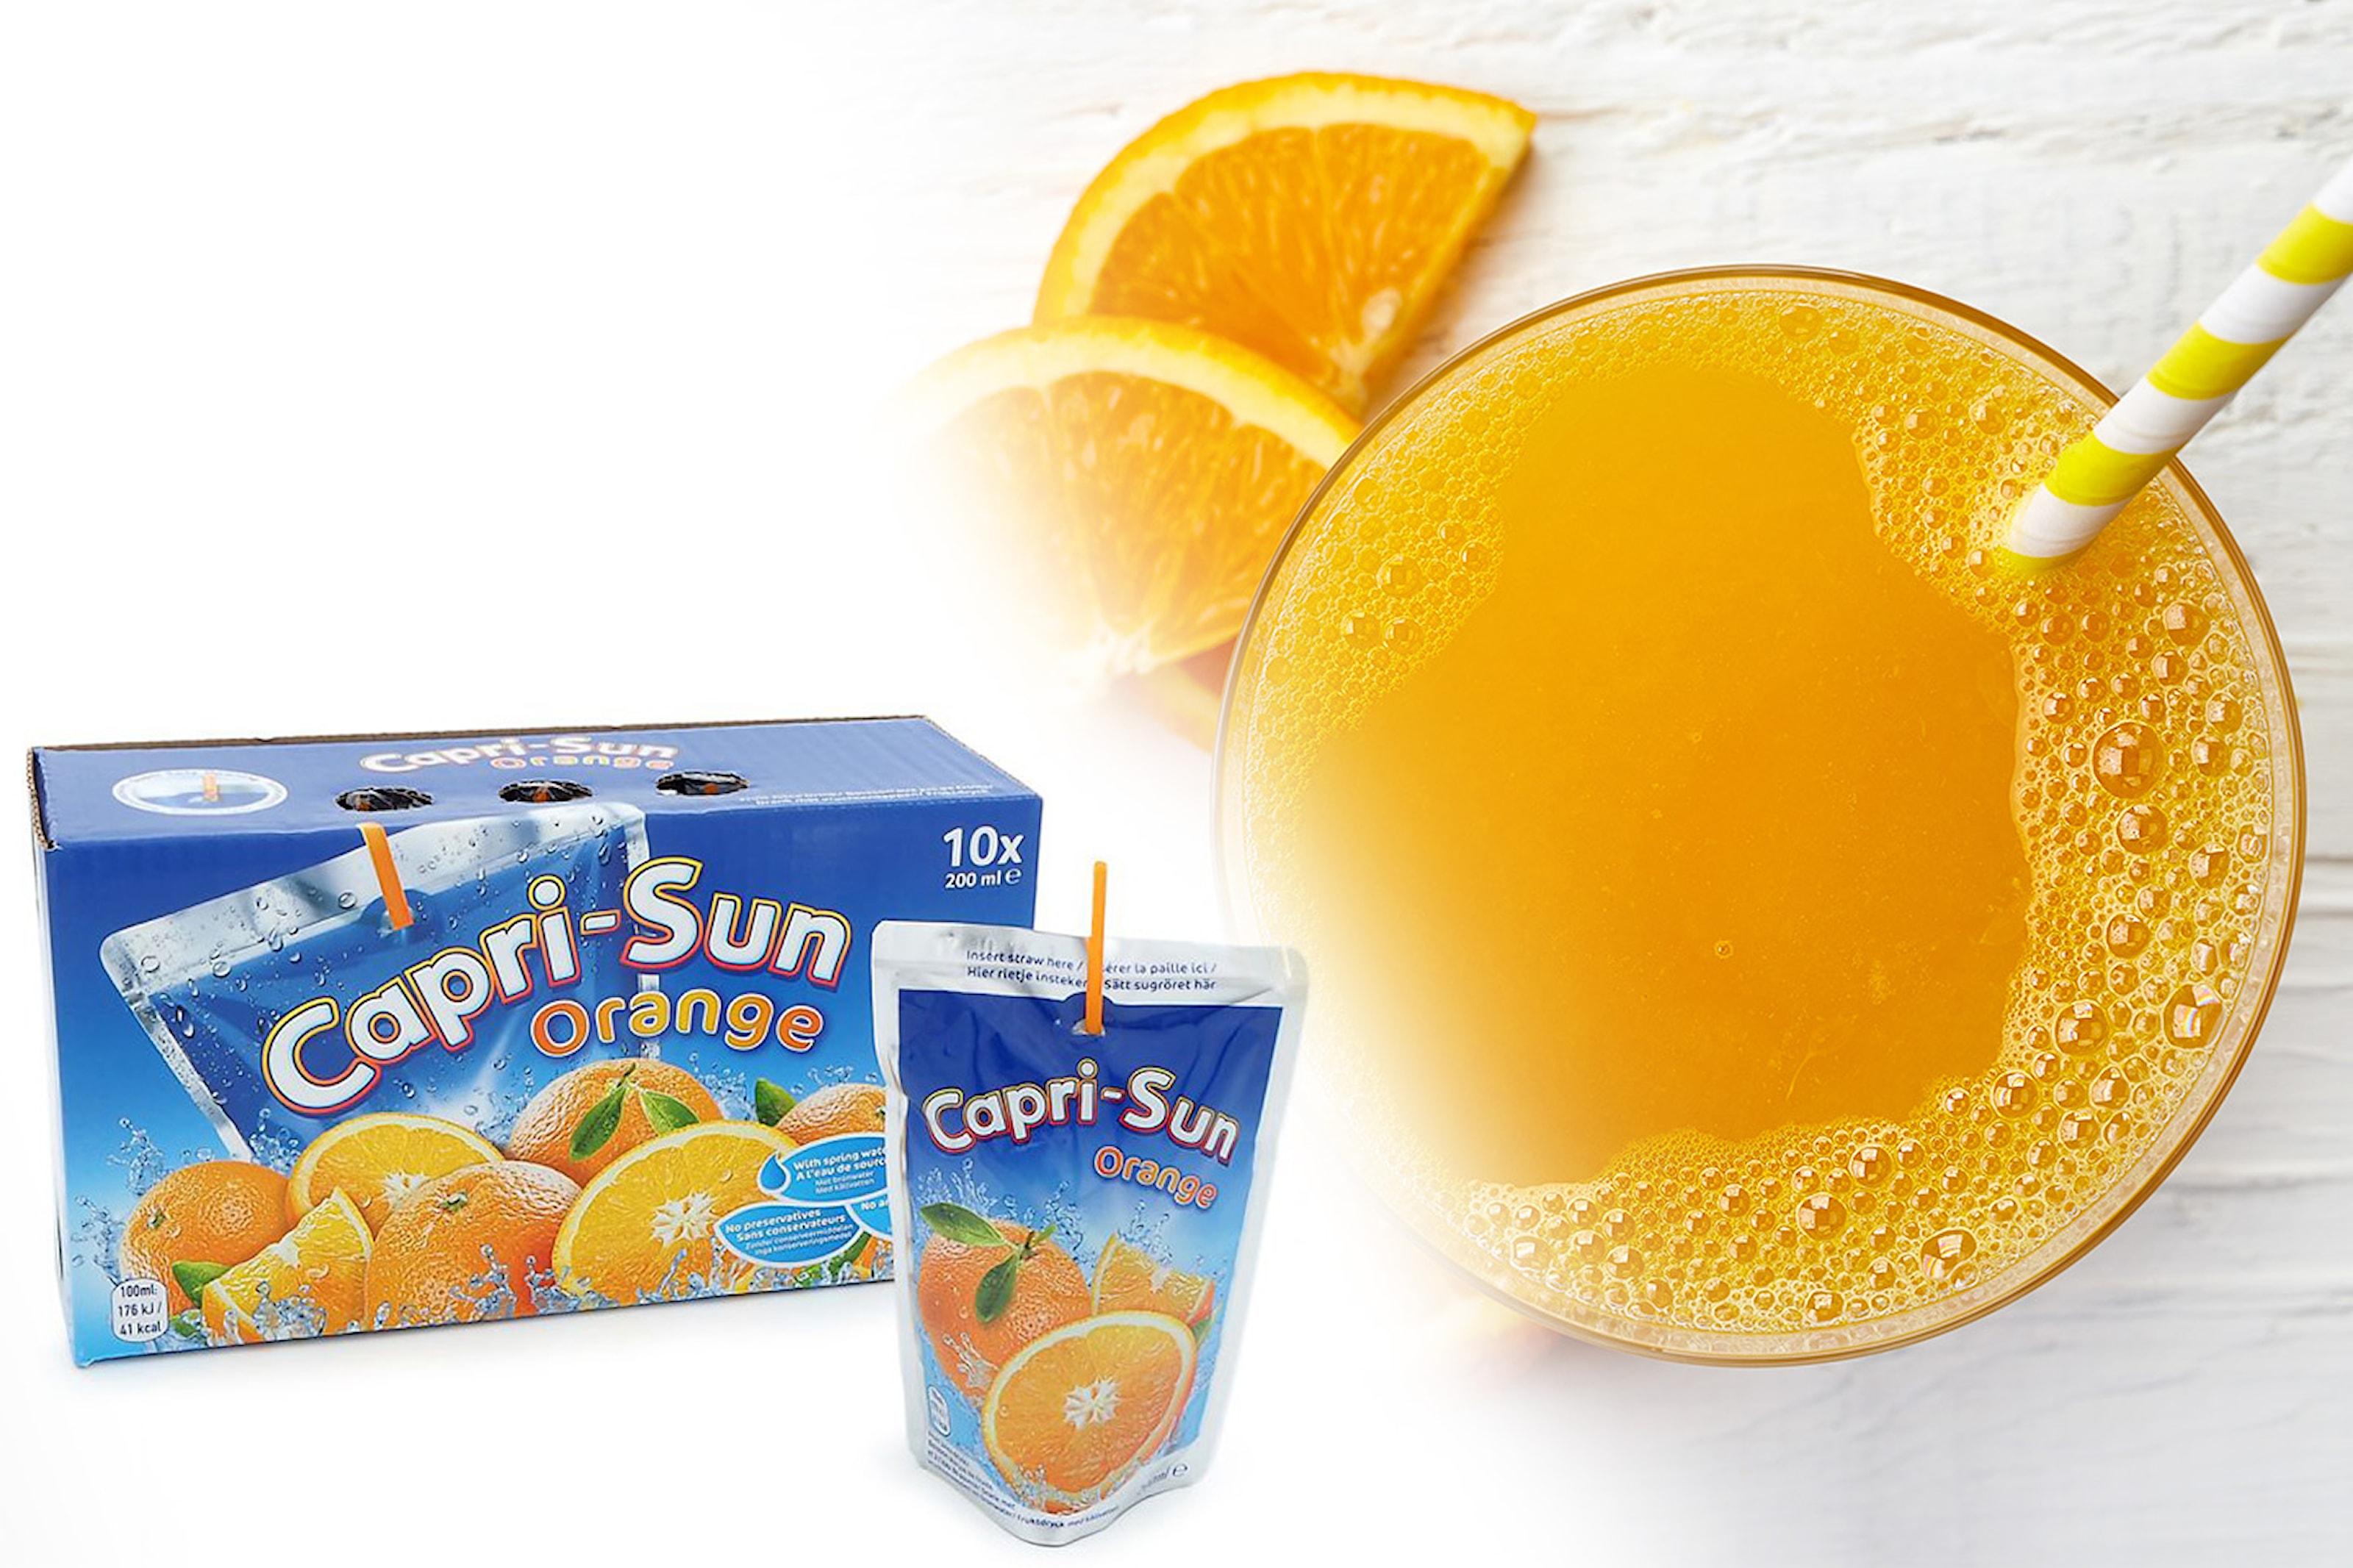 Capri-Sun Orange, 40-pack